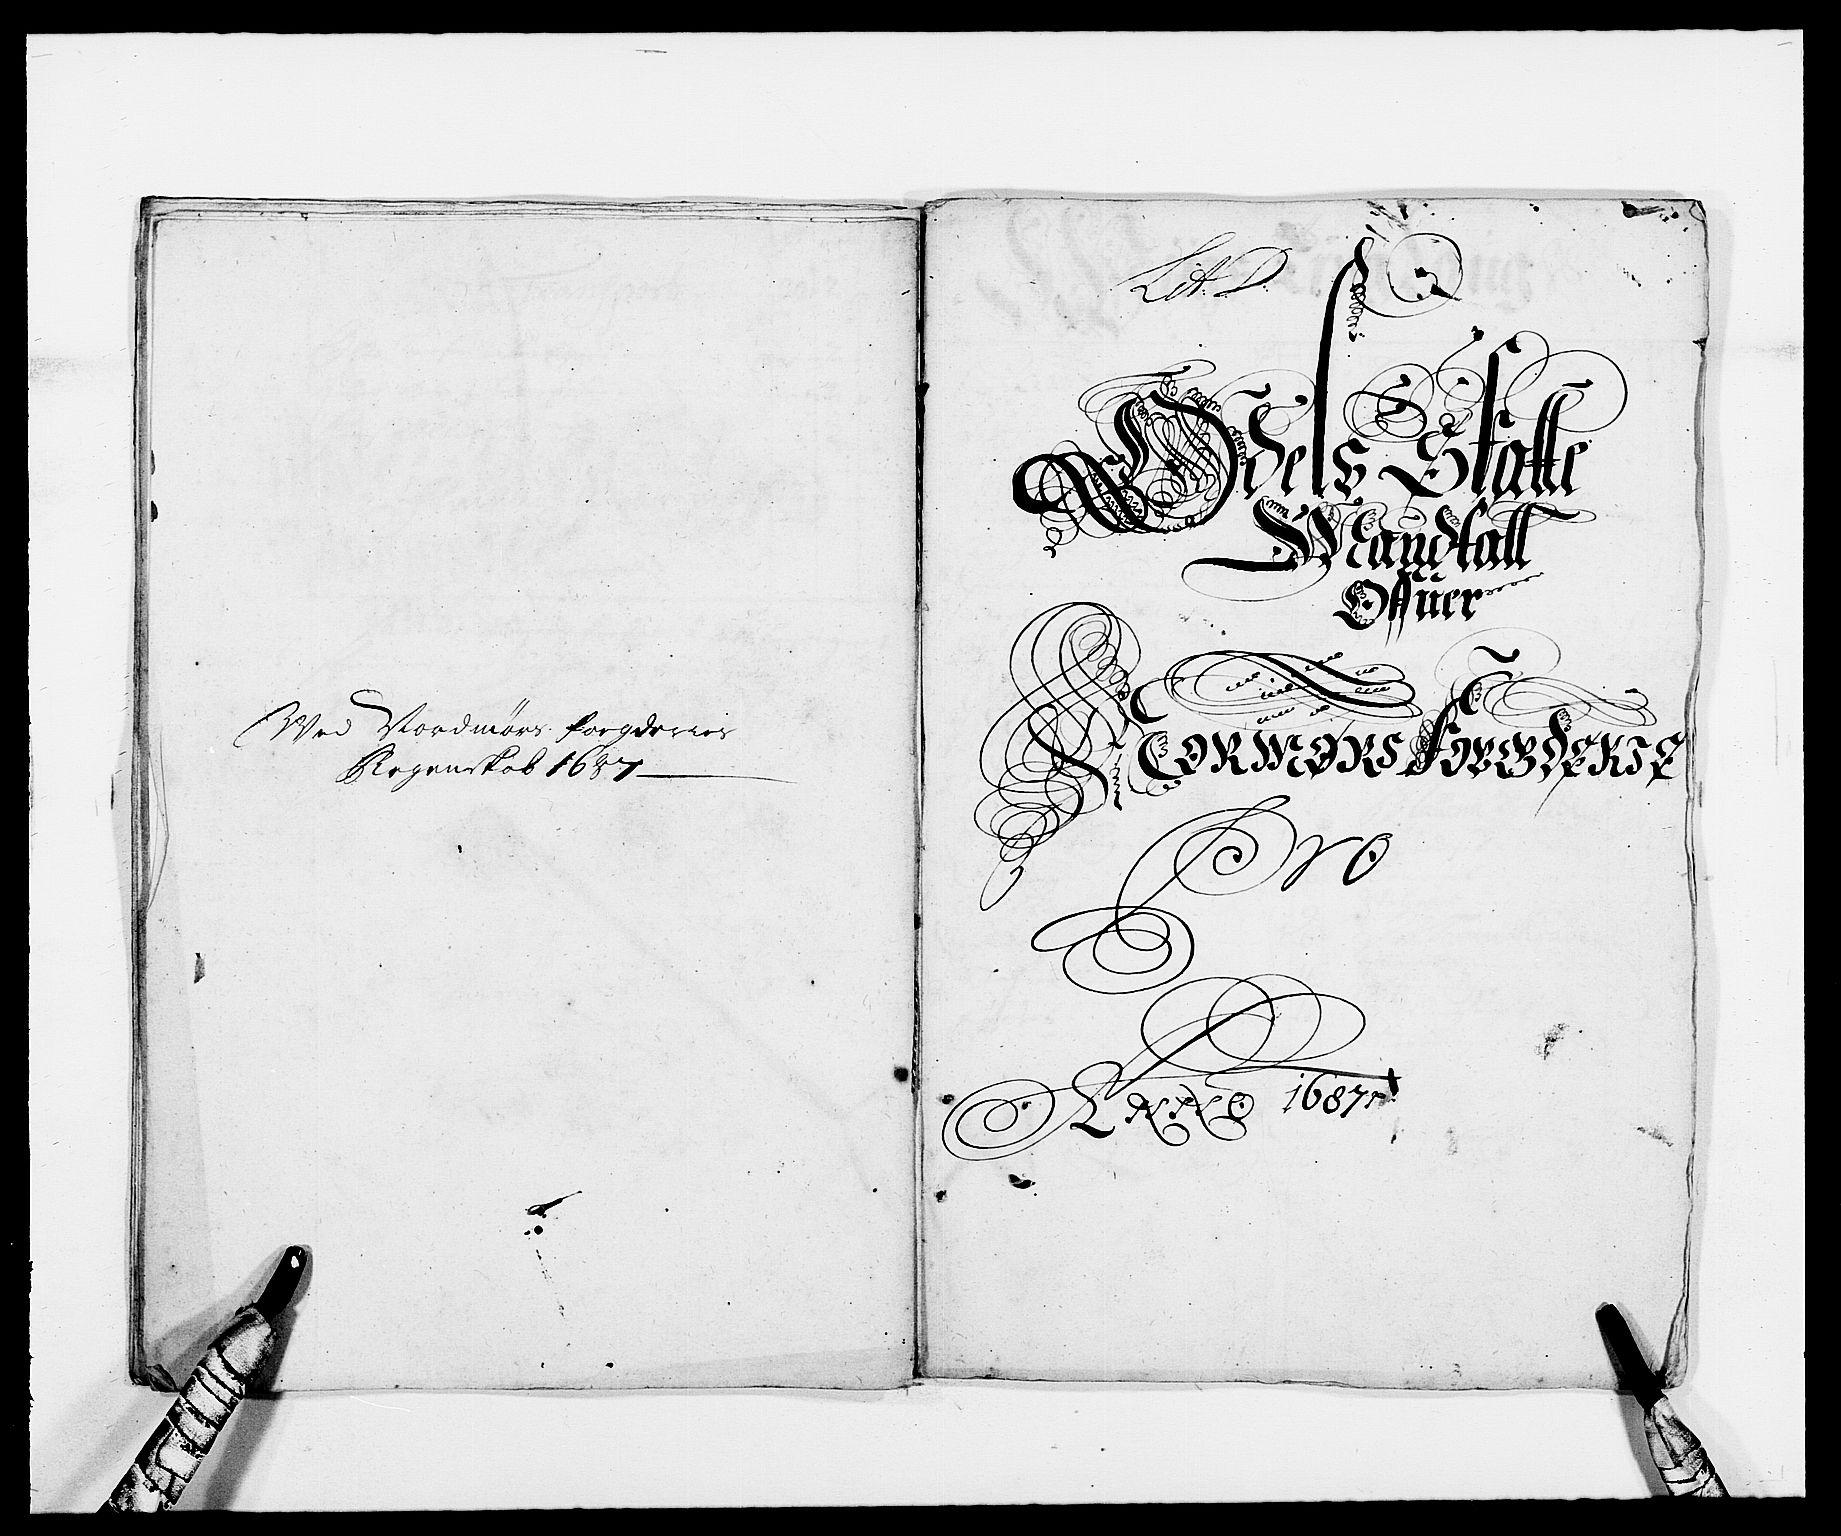 RA, Rentekammeret inntil 1814, Reviderte regnskaper, Fogderegnskap, R56/L3733: Fogderegnskap Nordmøre, 1687-1689, s. 26